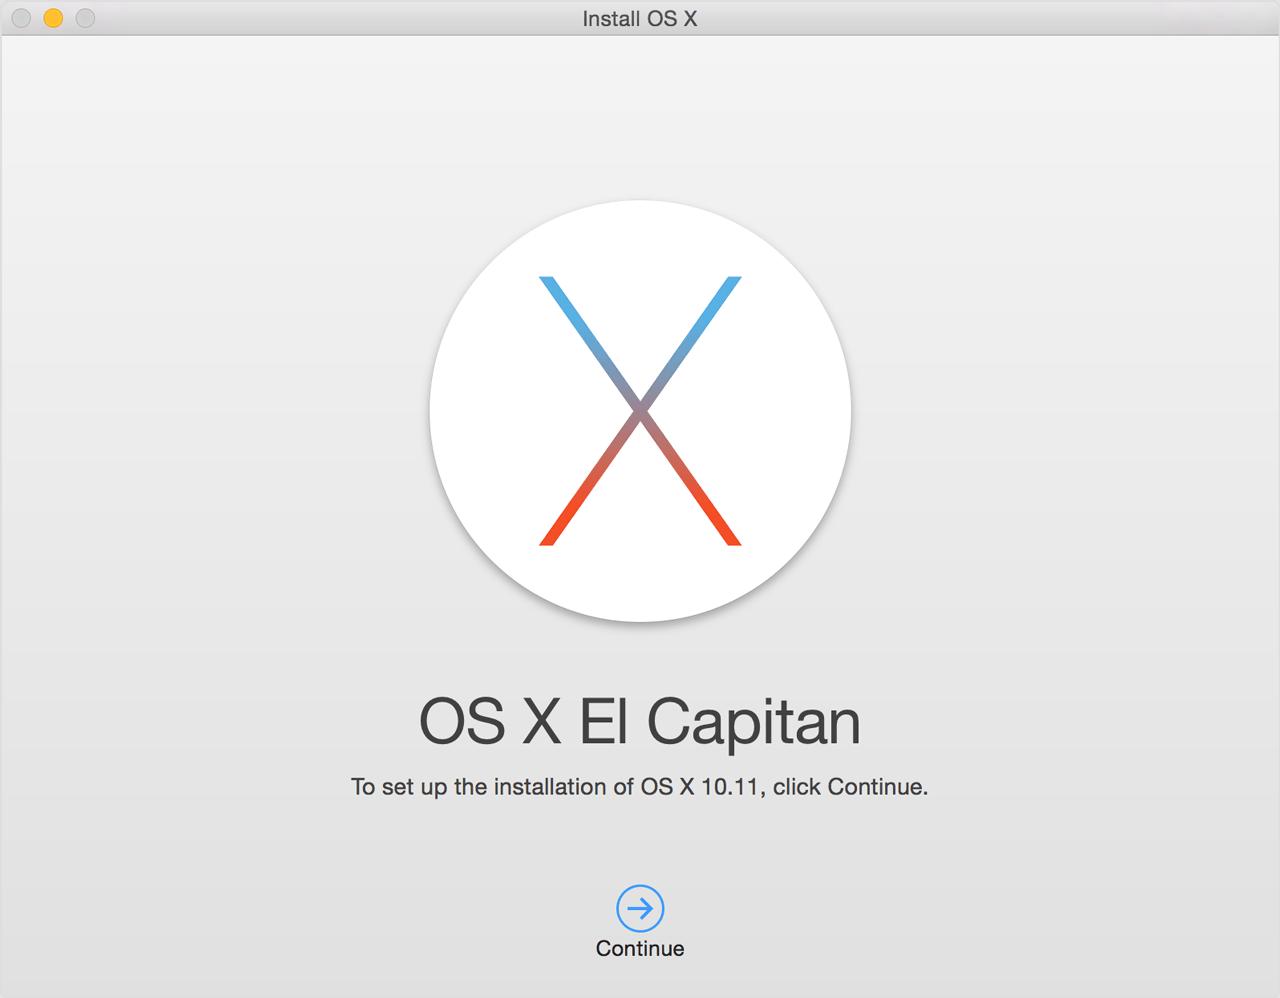 osx elcapitan install - Ako vdýchnuť starému Macu nový život?